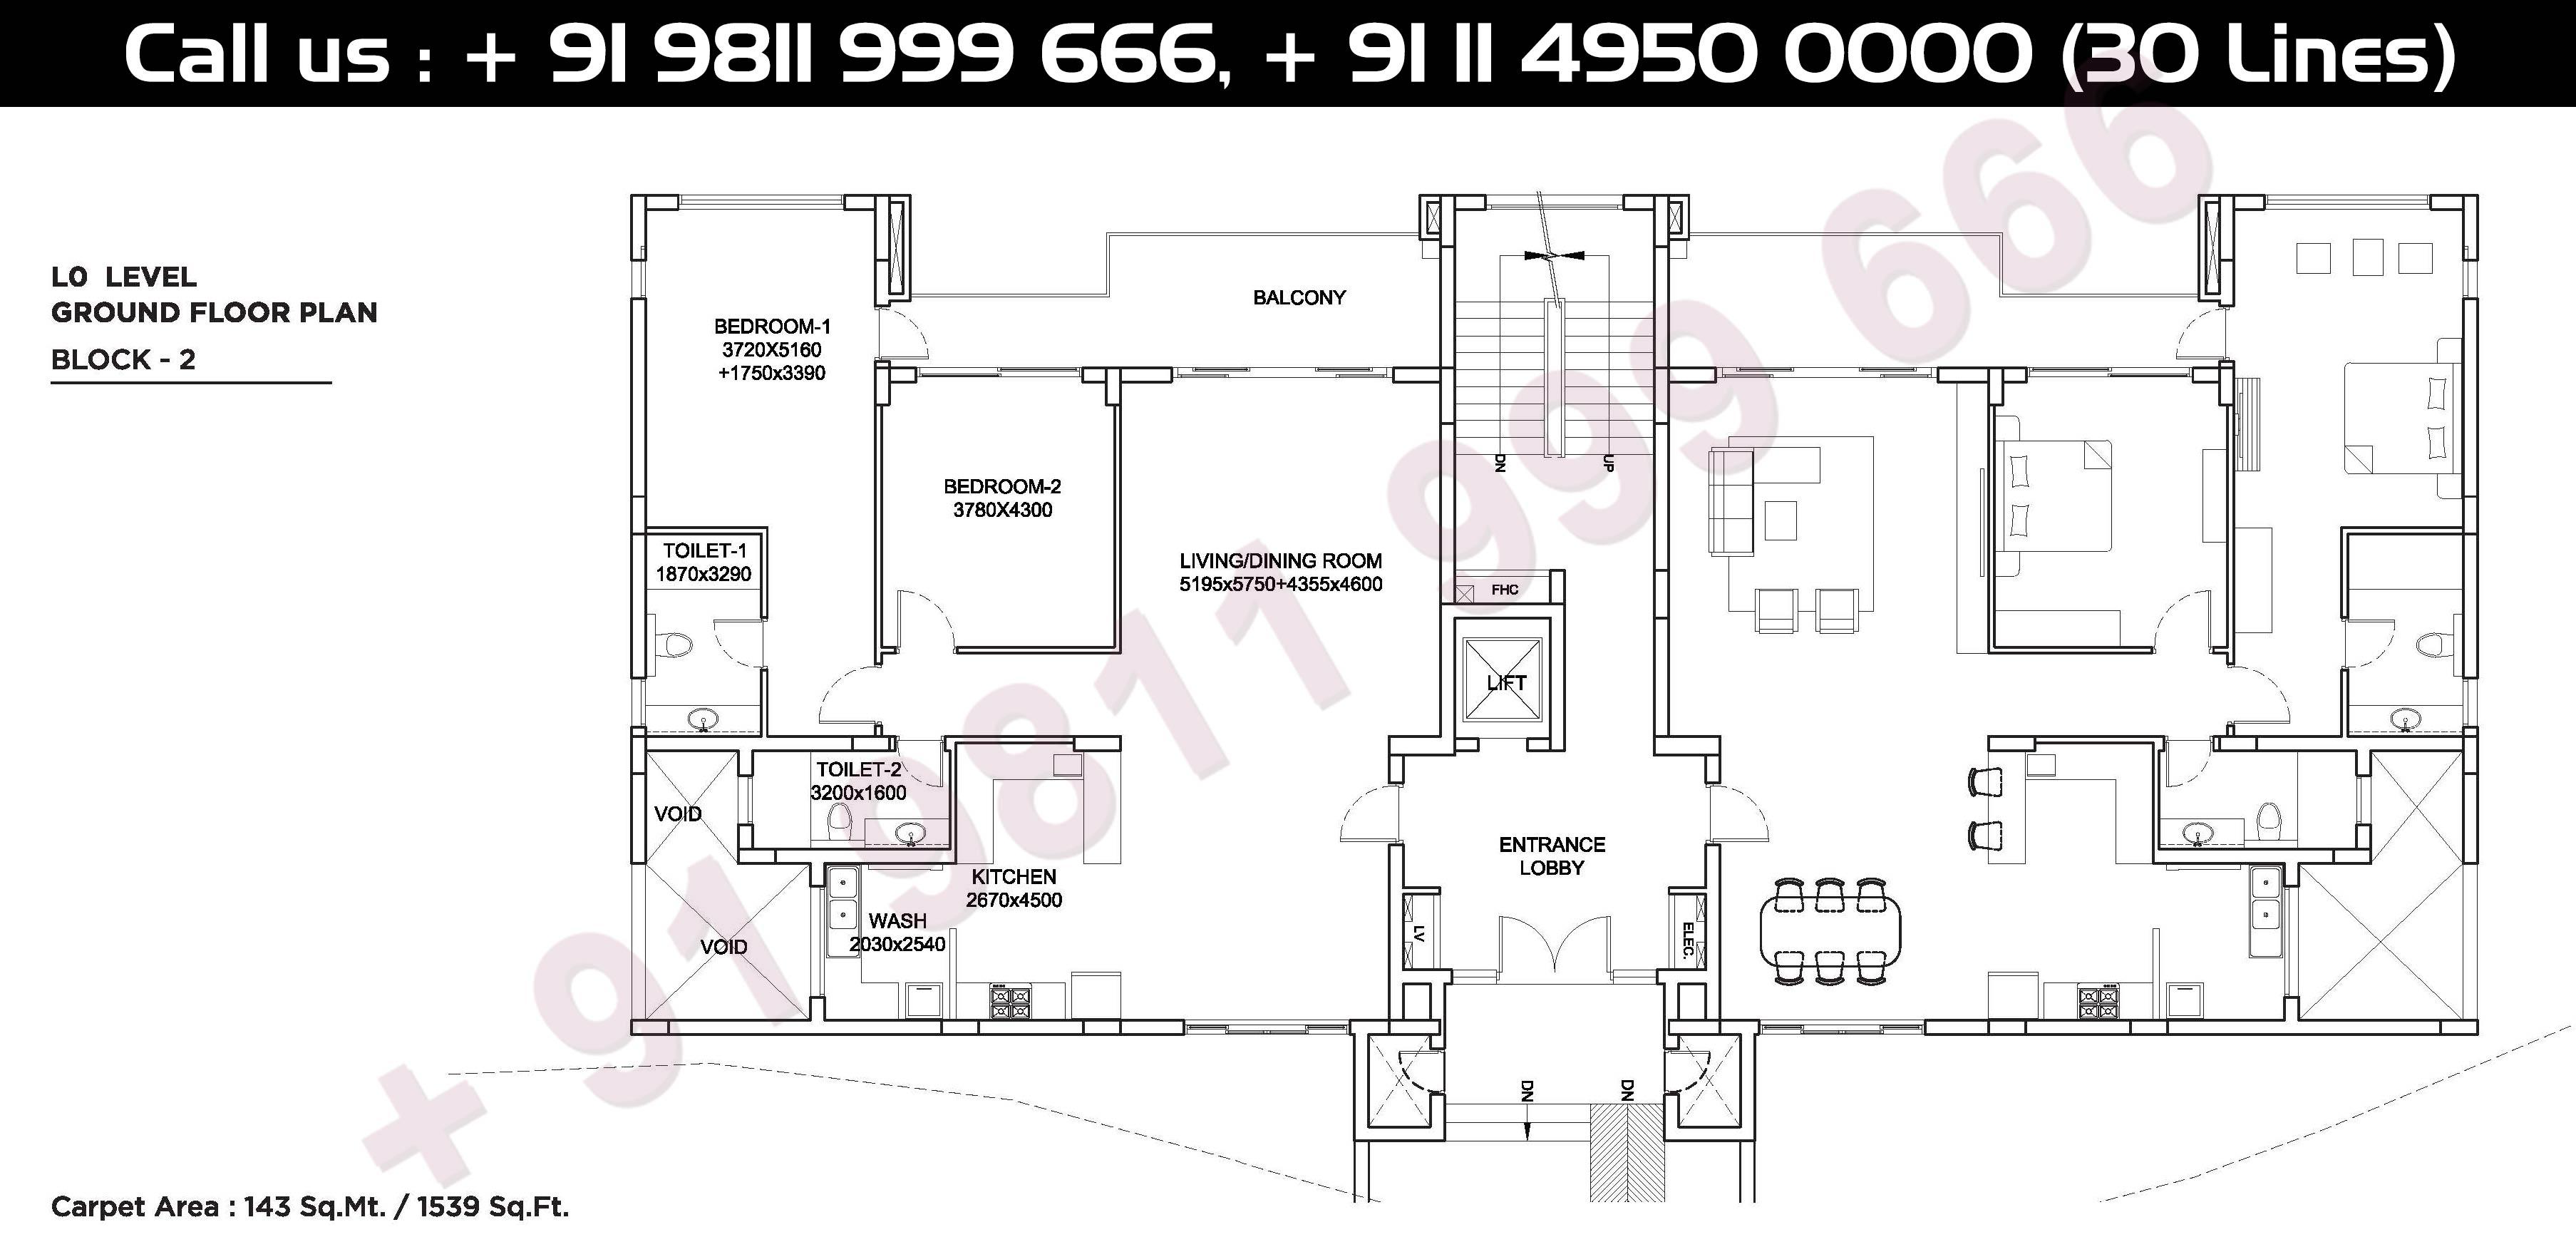 Ground Floor, Block - 2, 0, Level Carpet Area, 143 Sqmt: 1539 Sq. Ft